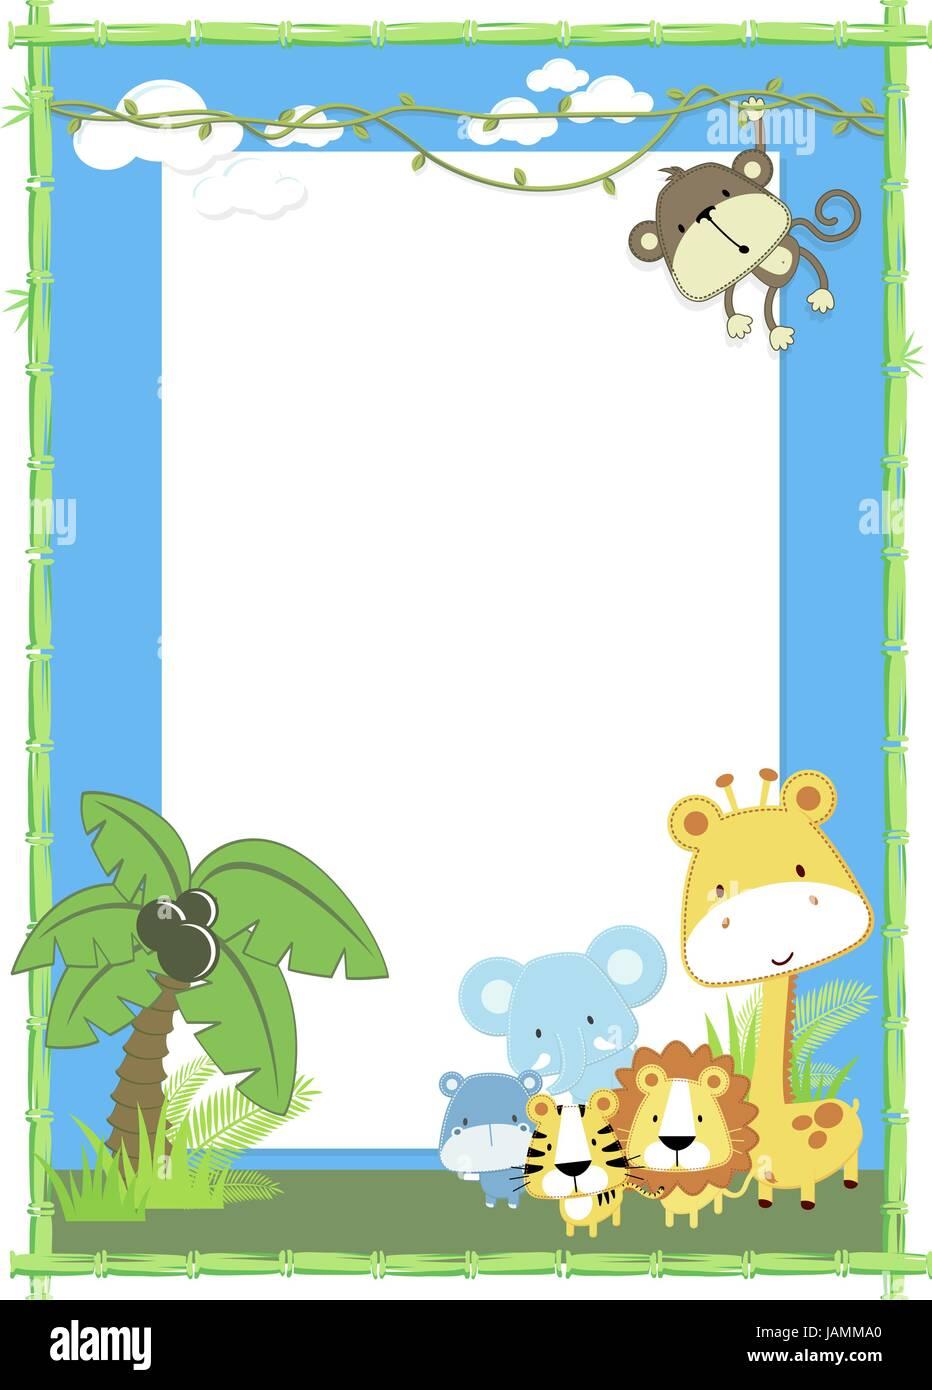 niedliche Baby Tiere Dschungel Dschungelpflanzen und Bambusrahmen ...